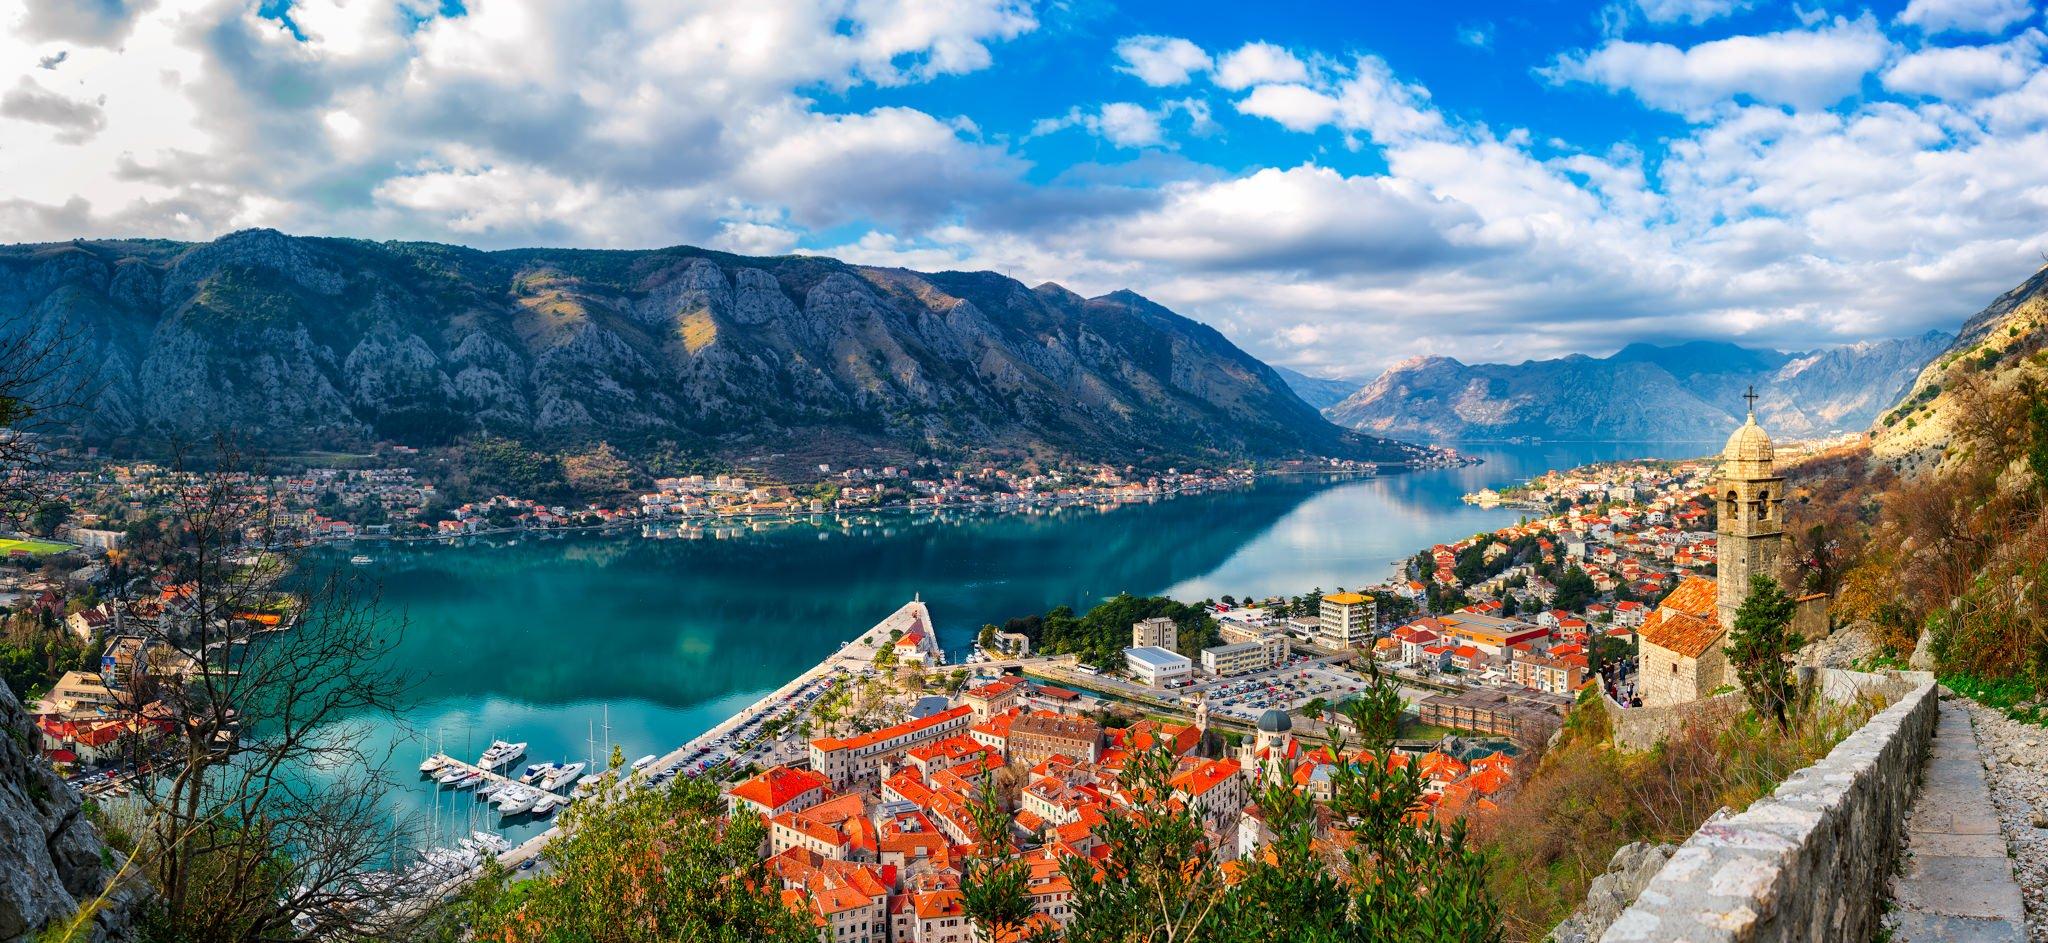 Brudna panorama – światło dzienne | Kotor, Czarnogóra